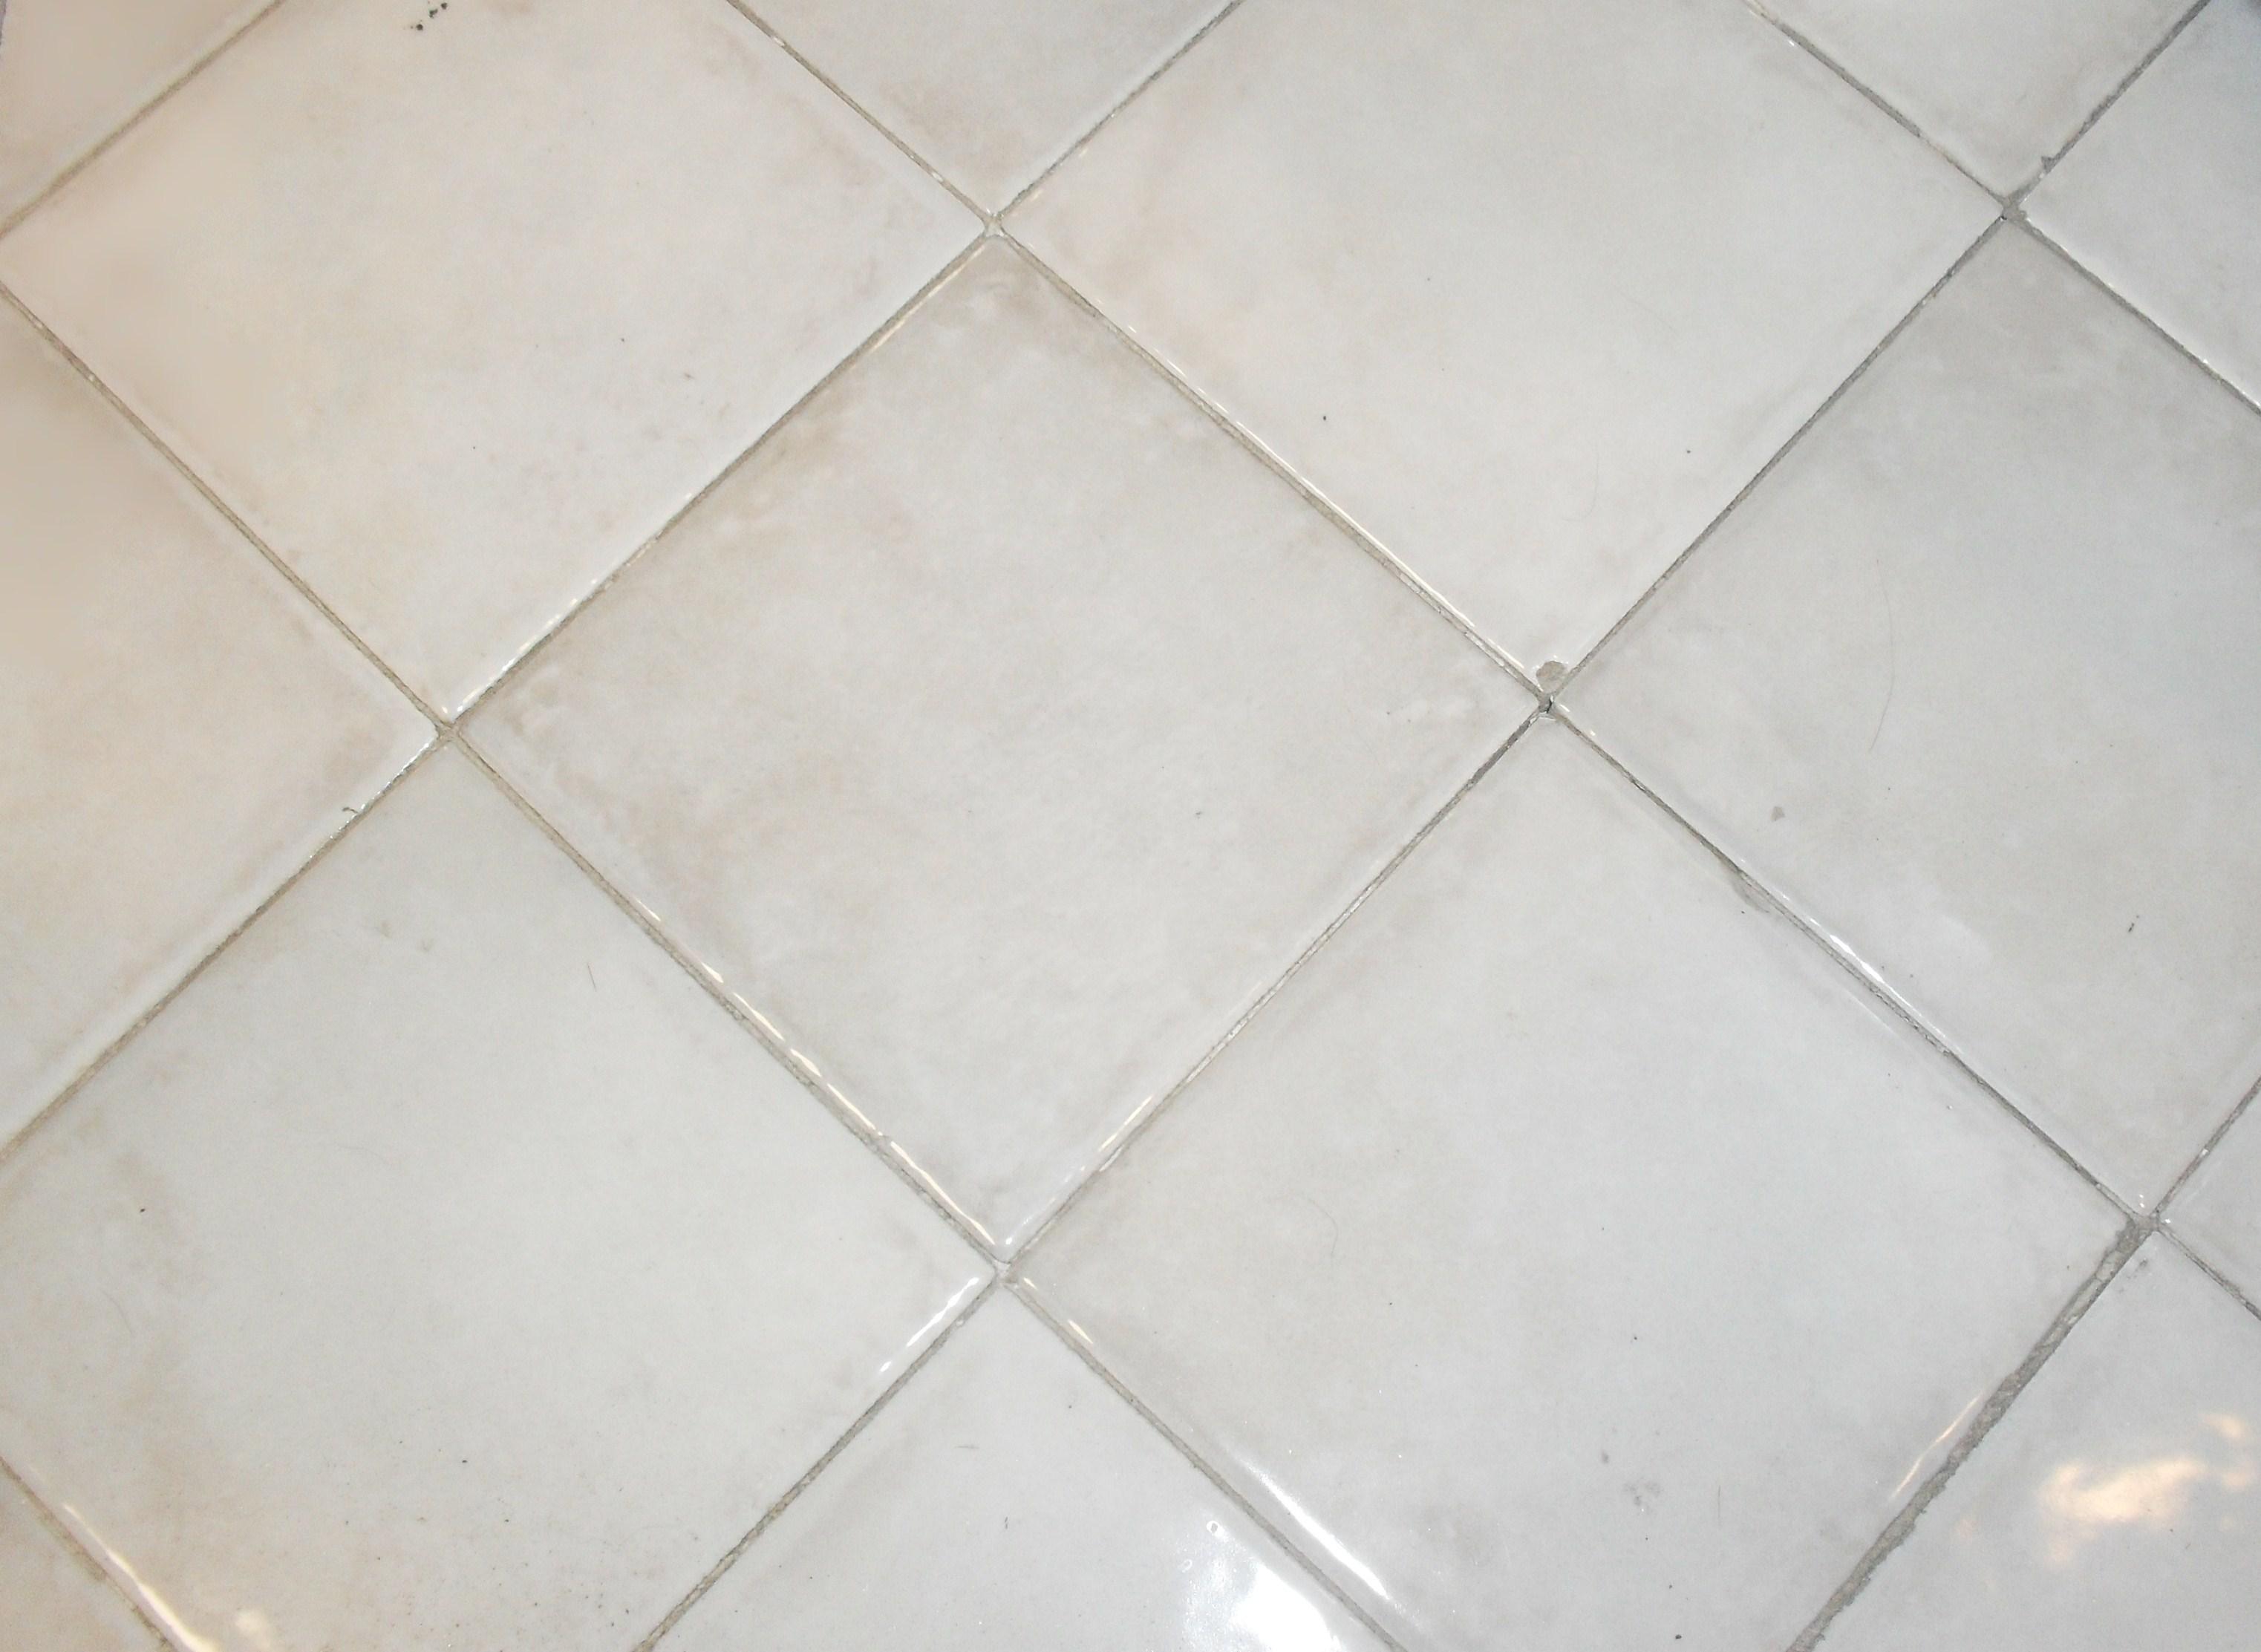 Piastrelle Esagonali Bianche : Piastrelle esagonali bianche: piastrelle cucina bianche piastrelle